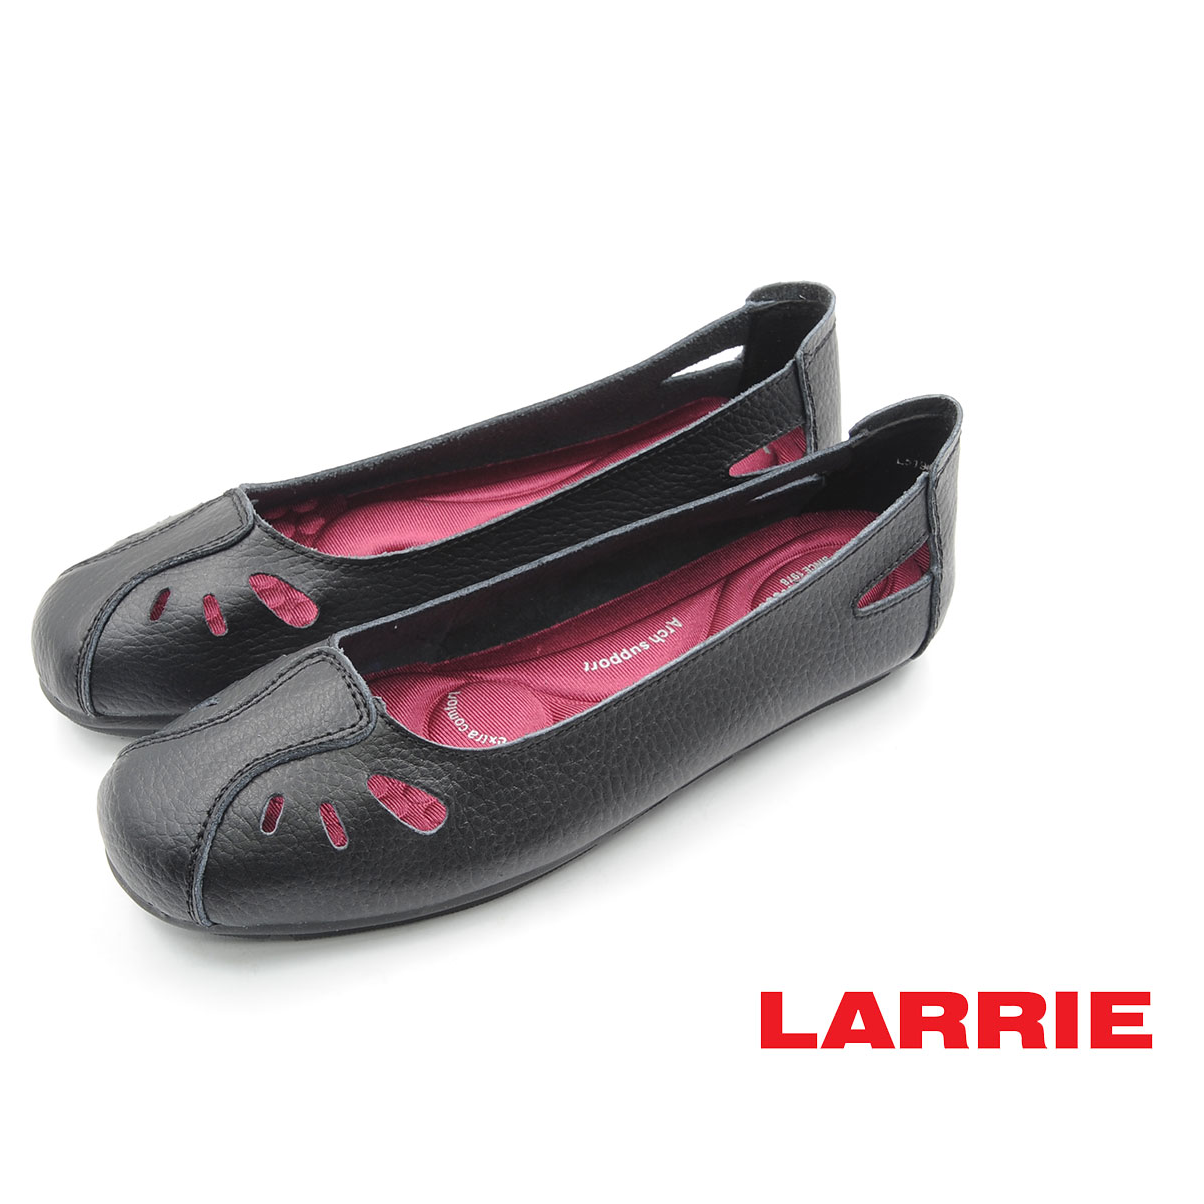 LARRIE Kasut Perempuan Practical Casual Basic Flat Shoes Women - L51904-YX01SV